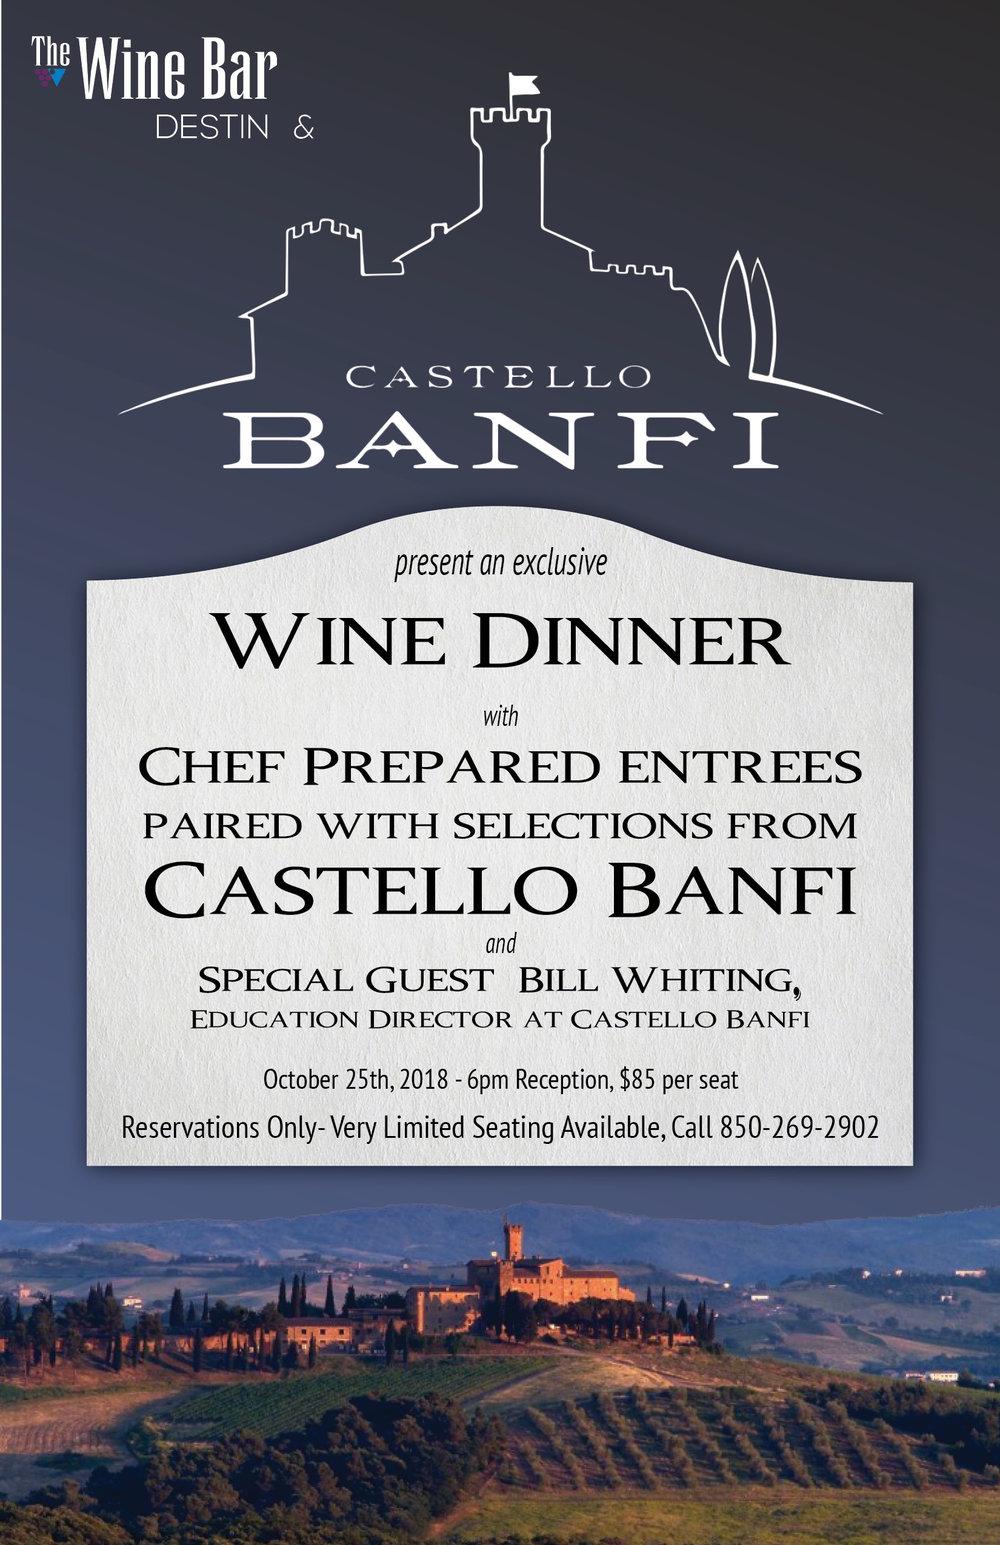 Banfi Dinner ONLINE IMAGE_Destin.jpg